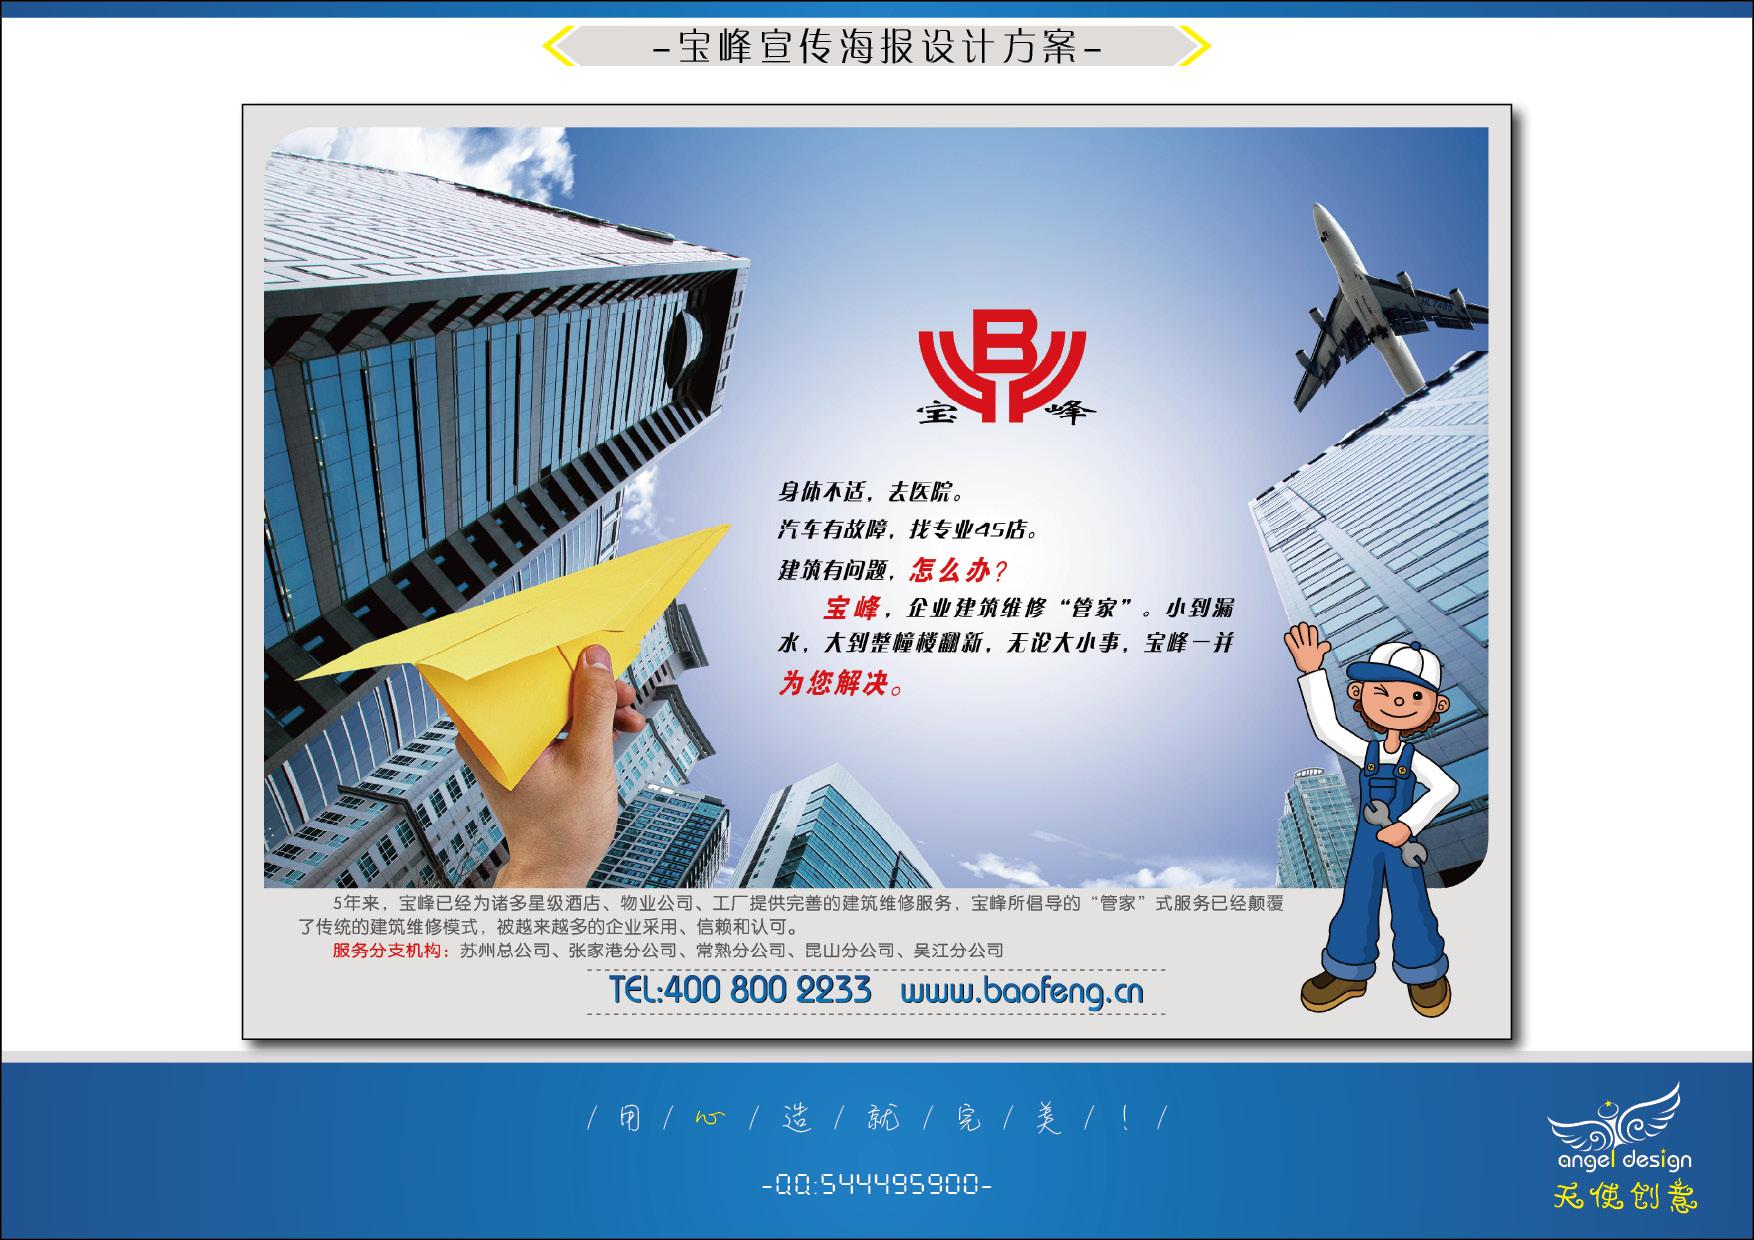 宝峰宣传海报设计(12.6任务内容更新)